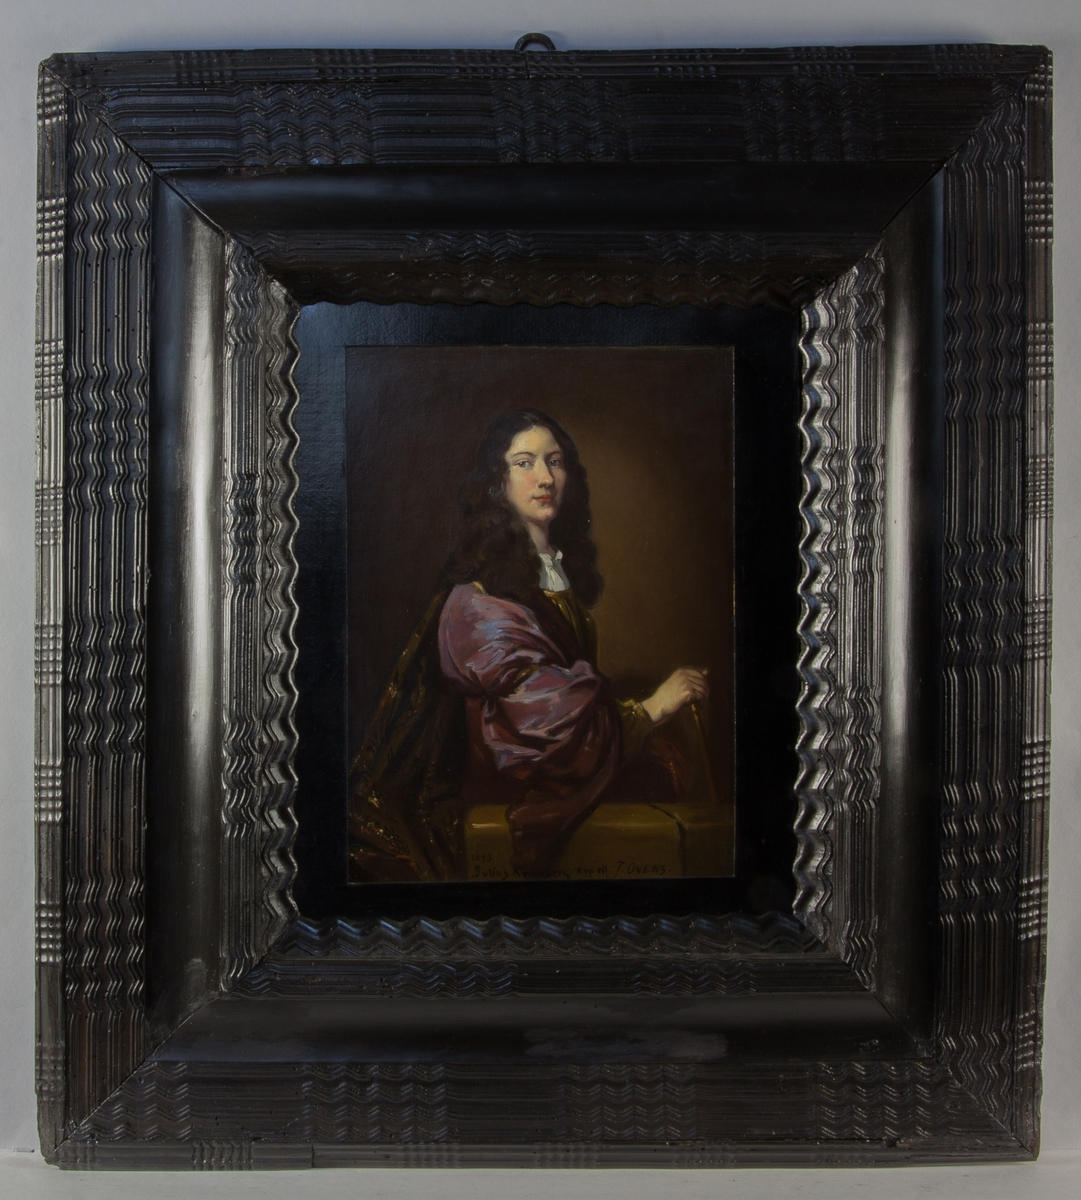 Porträtt av Johan Scheringson Rosenhane. Midjebild, sittande med ansiktet vridet mot betraktaren vid en balustrad. Långt vågigt hår. Lila och brun klädnad. Ena handen håller i en stav. Brun enfärgad bakgrund.